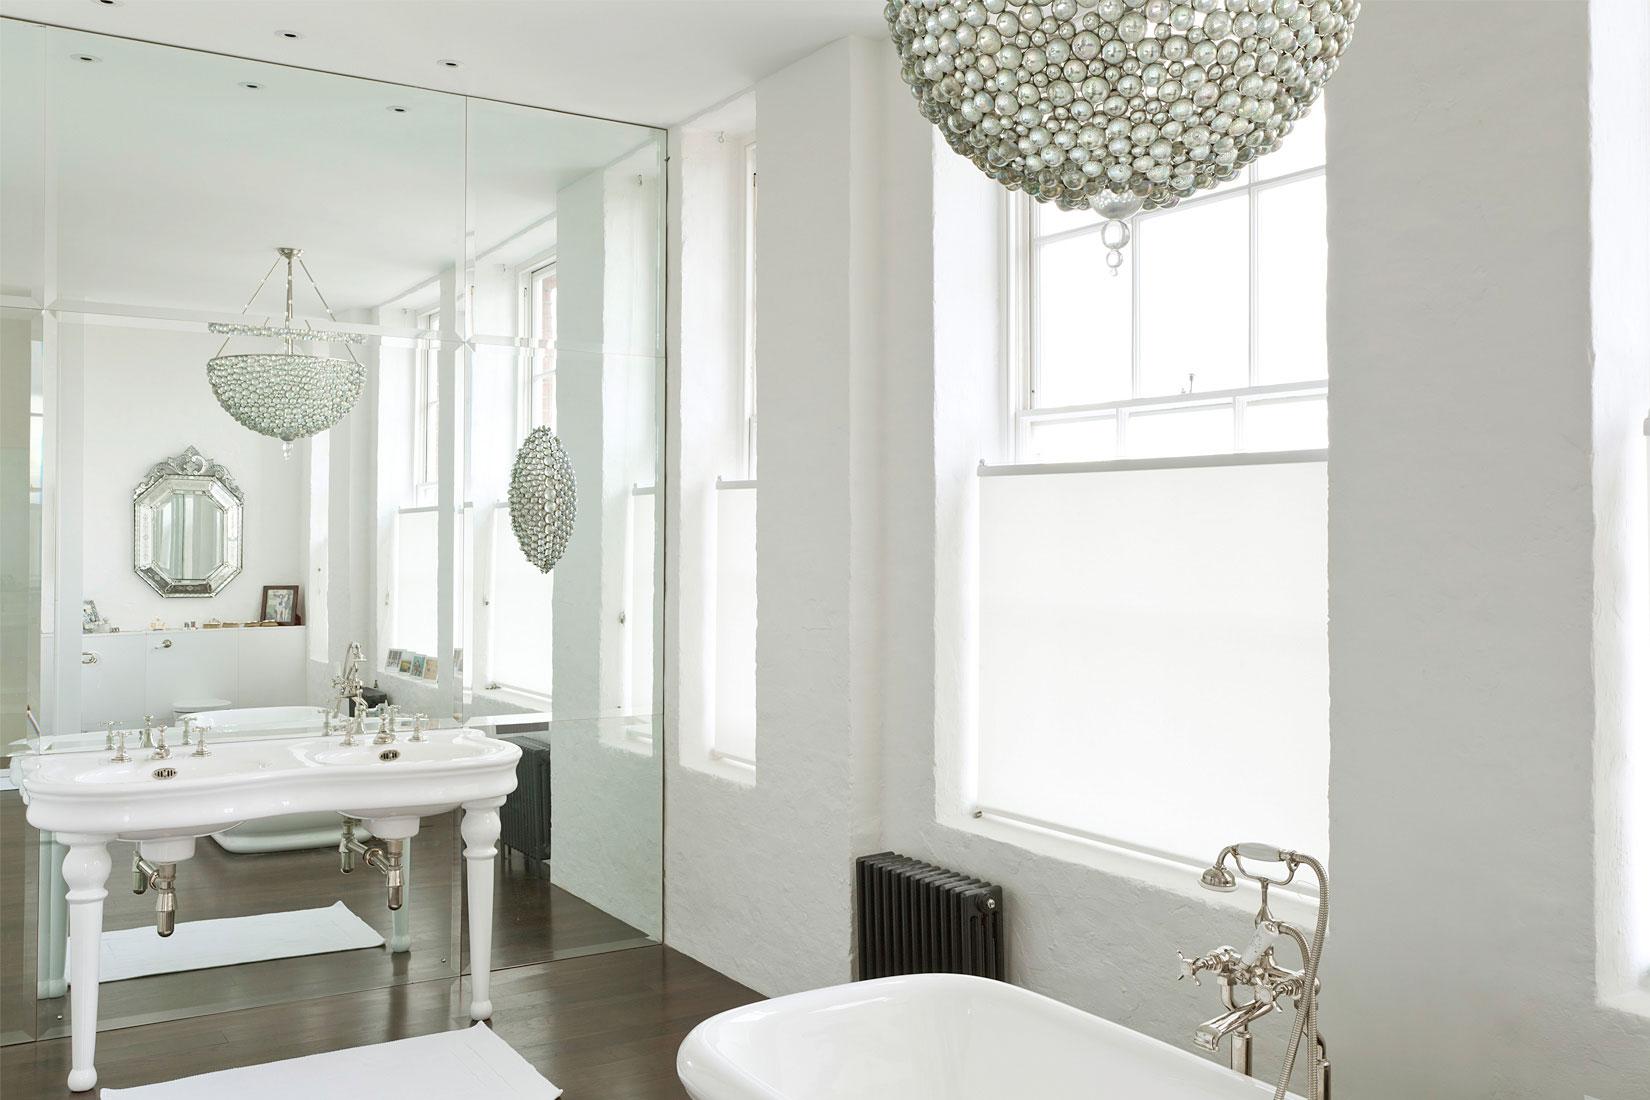 Зеркала напротив друг друга в ванной